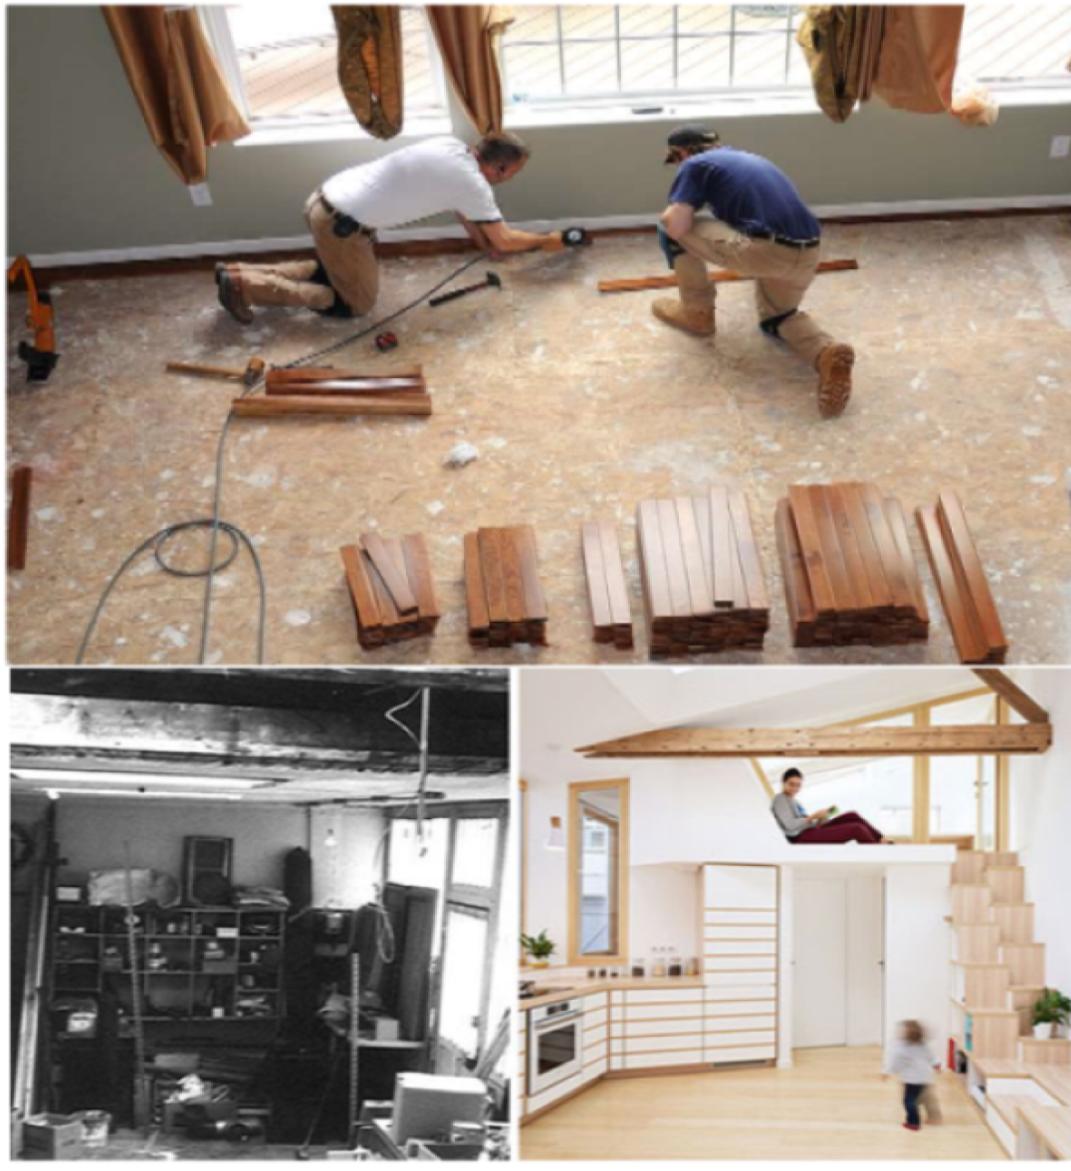 بازسازی آپارتمان در اصفهان با سپهر عمران